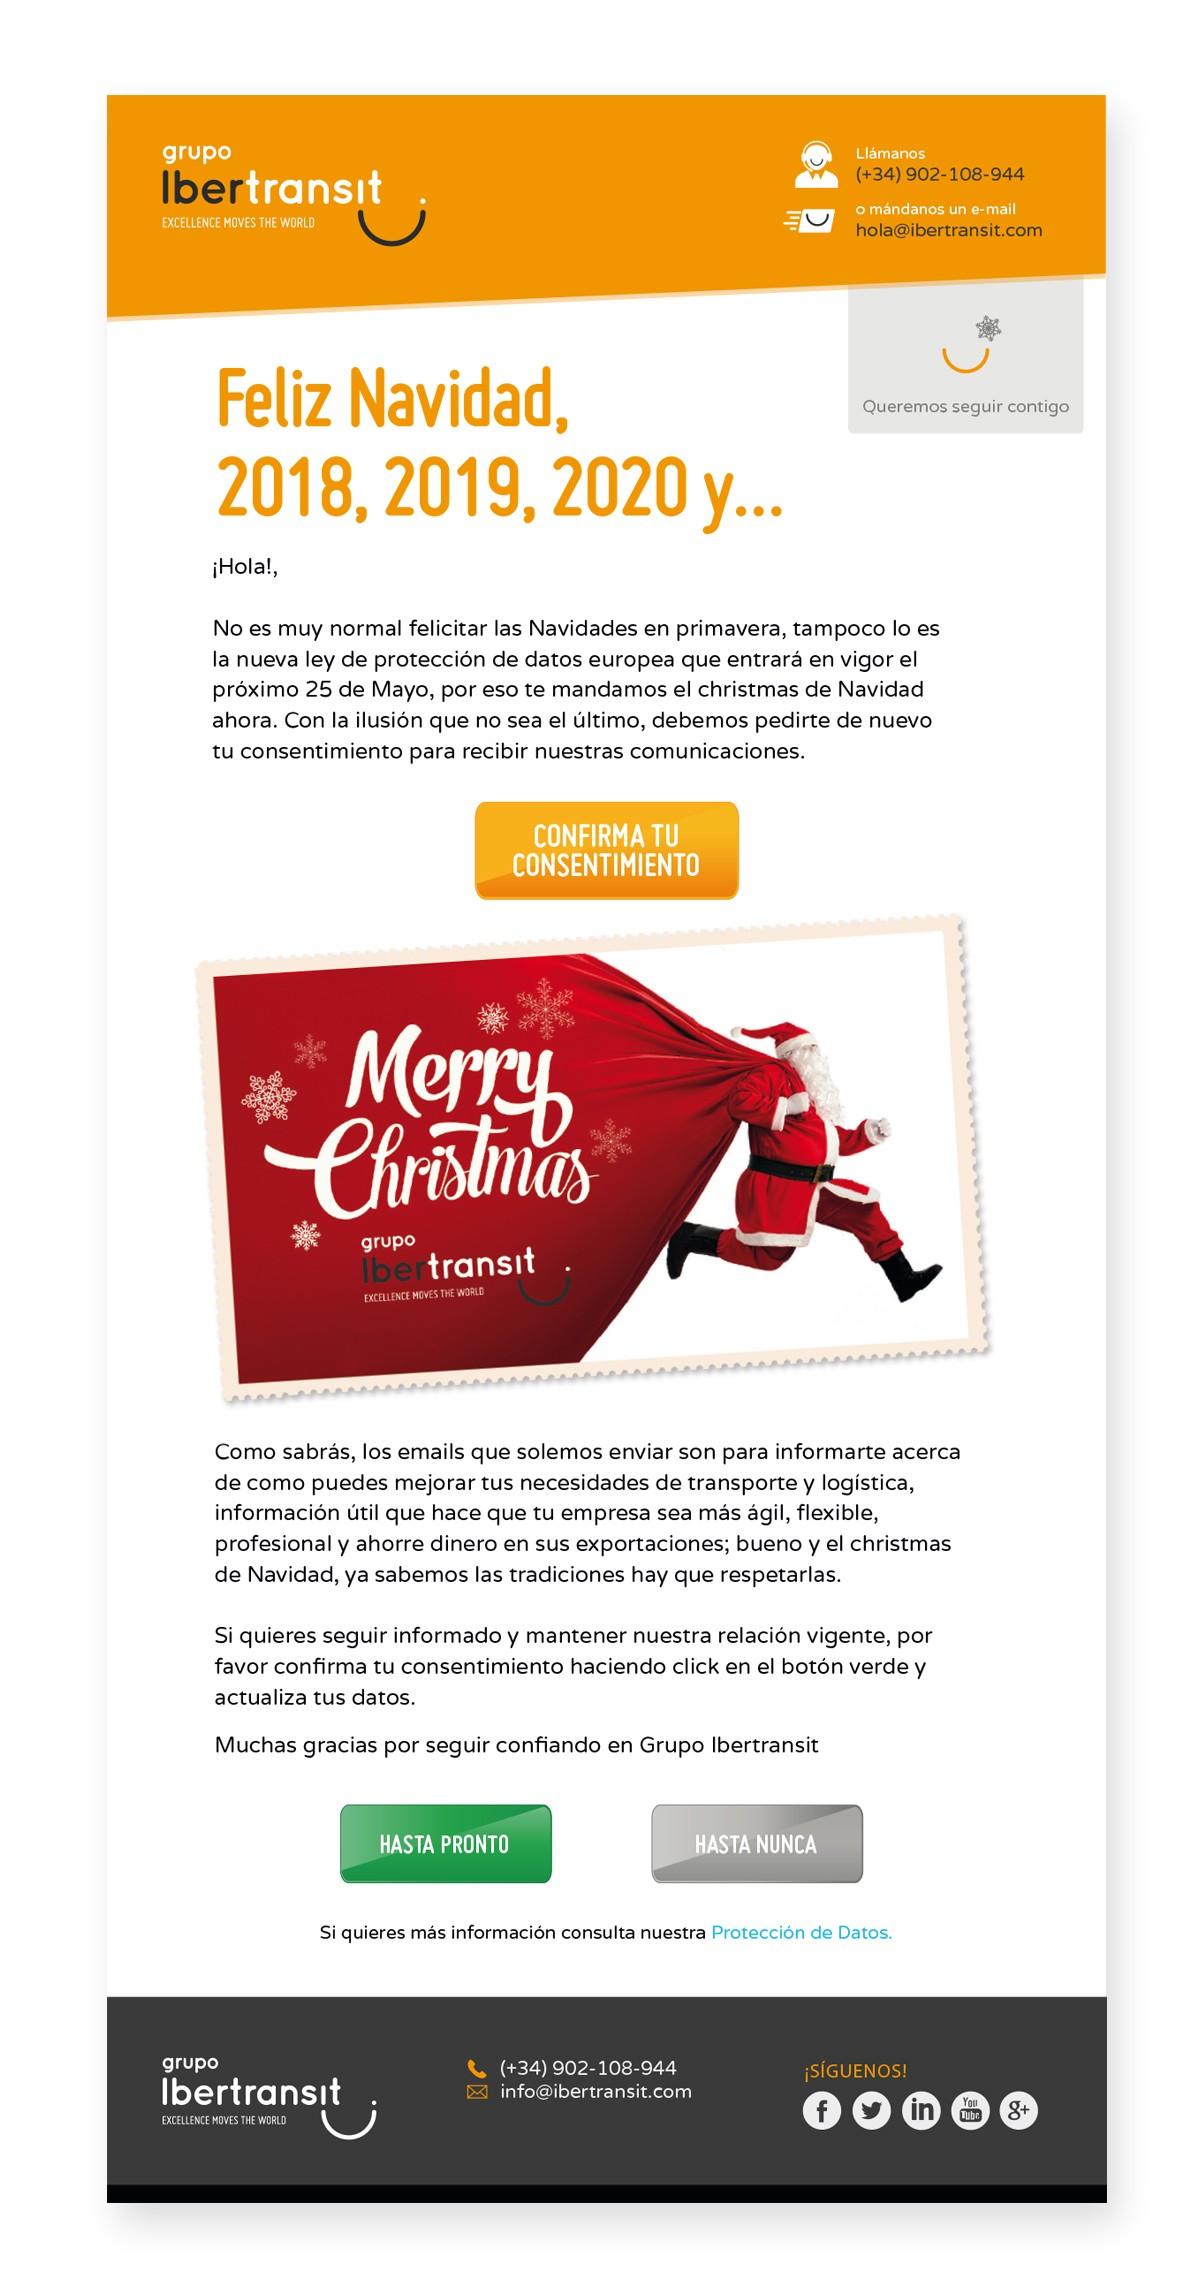 Calendario 2019 Con Festivos Y Lunas Más Populares Adn Studio Agencia Creativa De Unicaci³n Autor En Adn Studio Of Calendario 2019 Con Festivos Y Lunas Más Caliente Calendario 2017